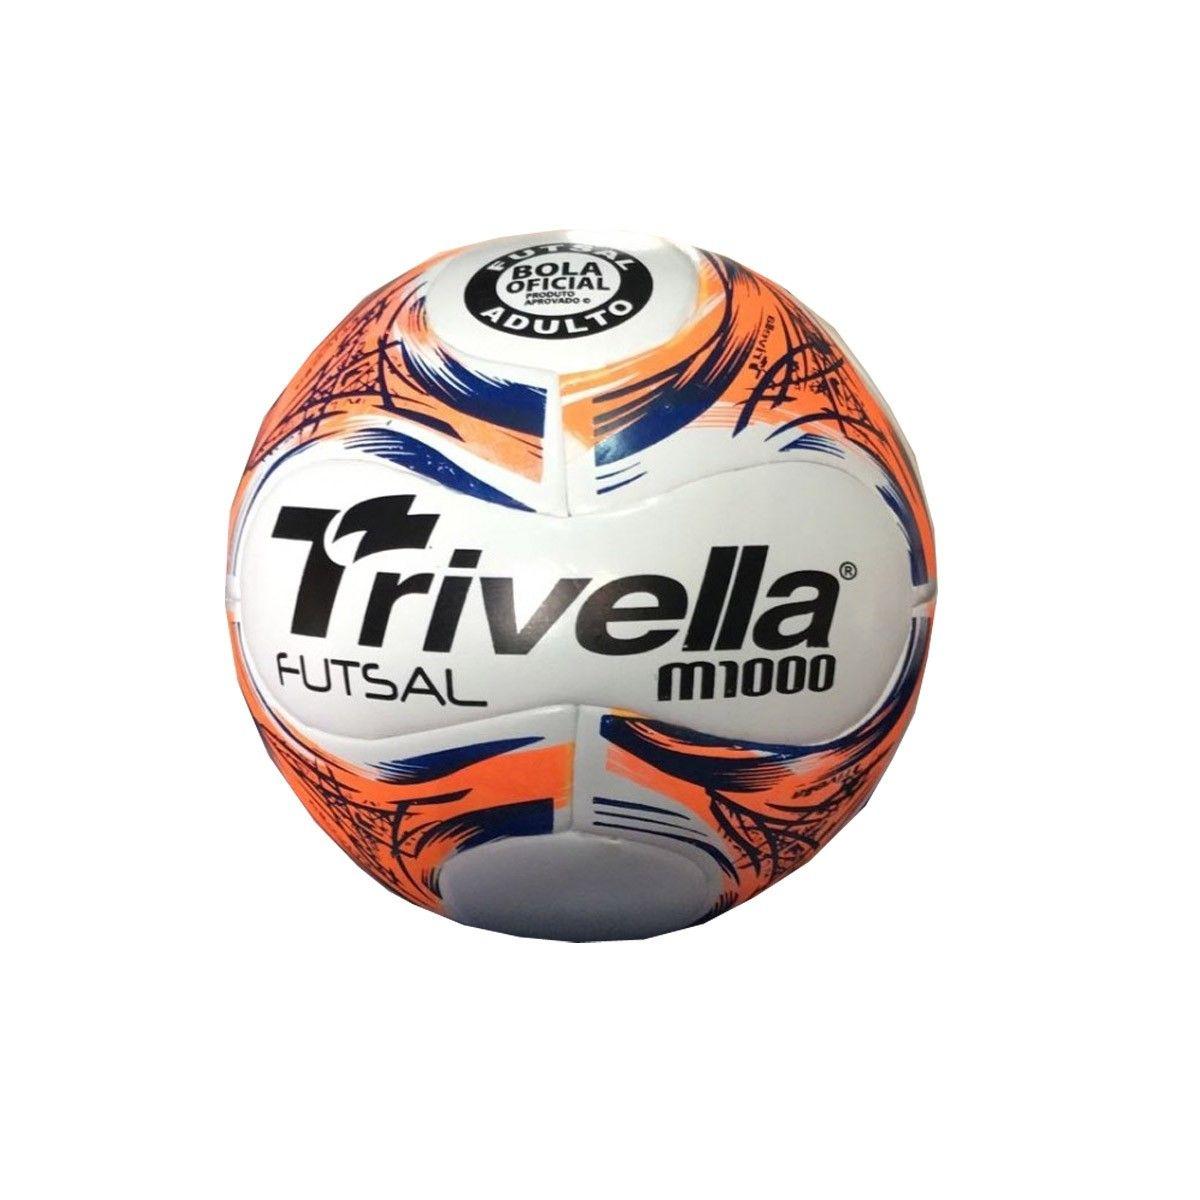 ... Kit com 5 Bola de Futsal Salão M1000 - 14 Gomos - Trivella - Loja do ... da866a48d028c